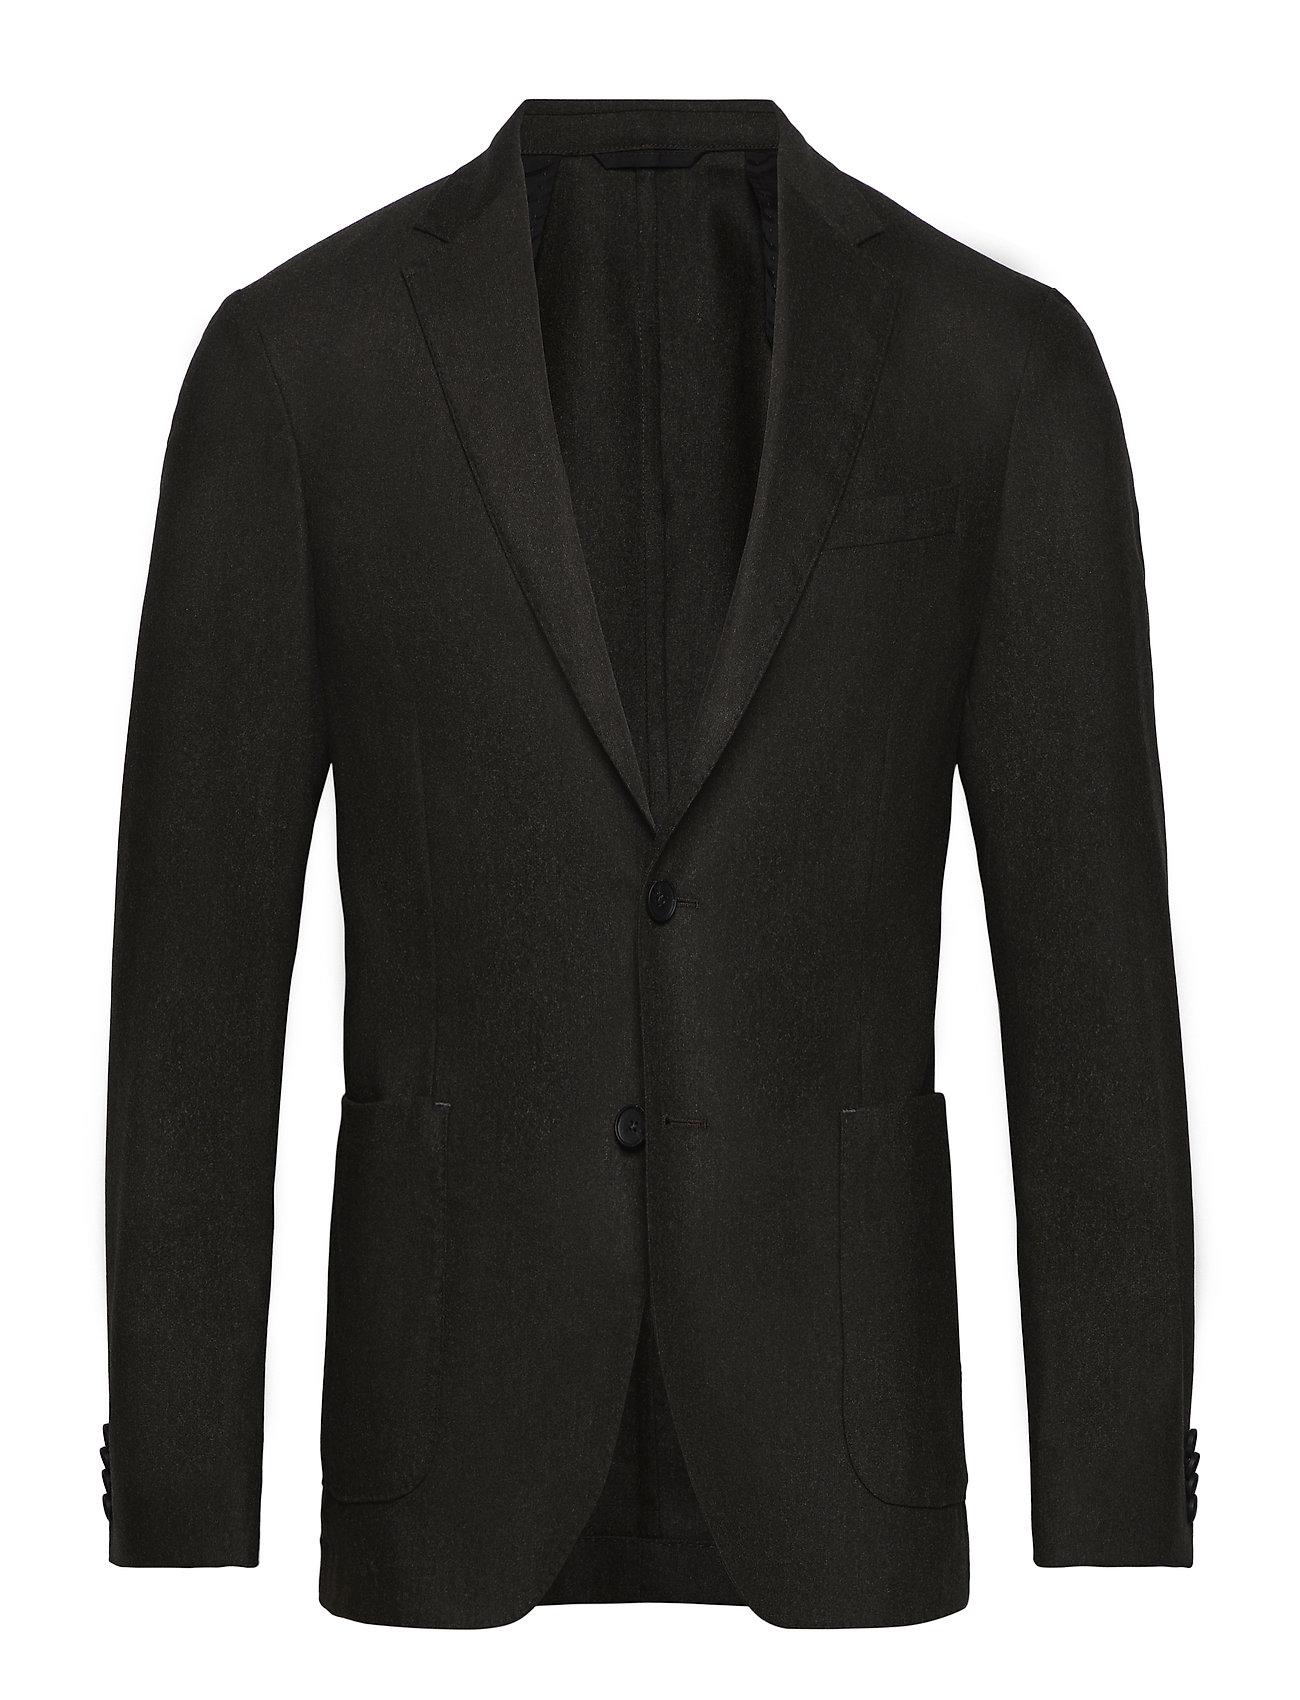 BOSS Business Wear Nold1 - OPEN GREEN